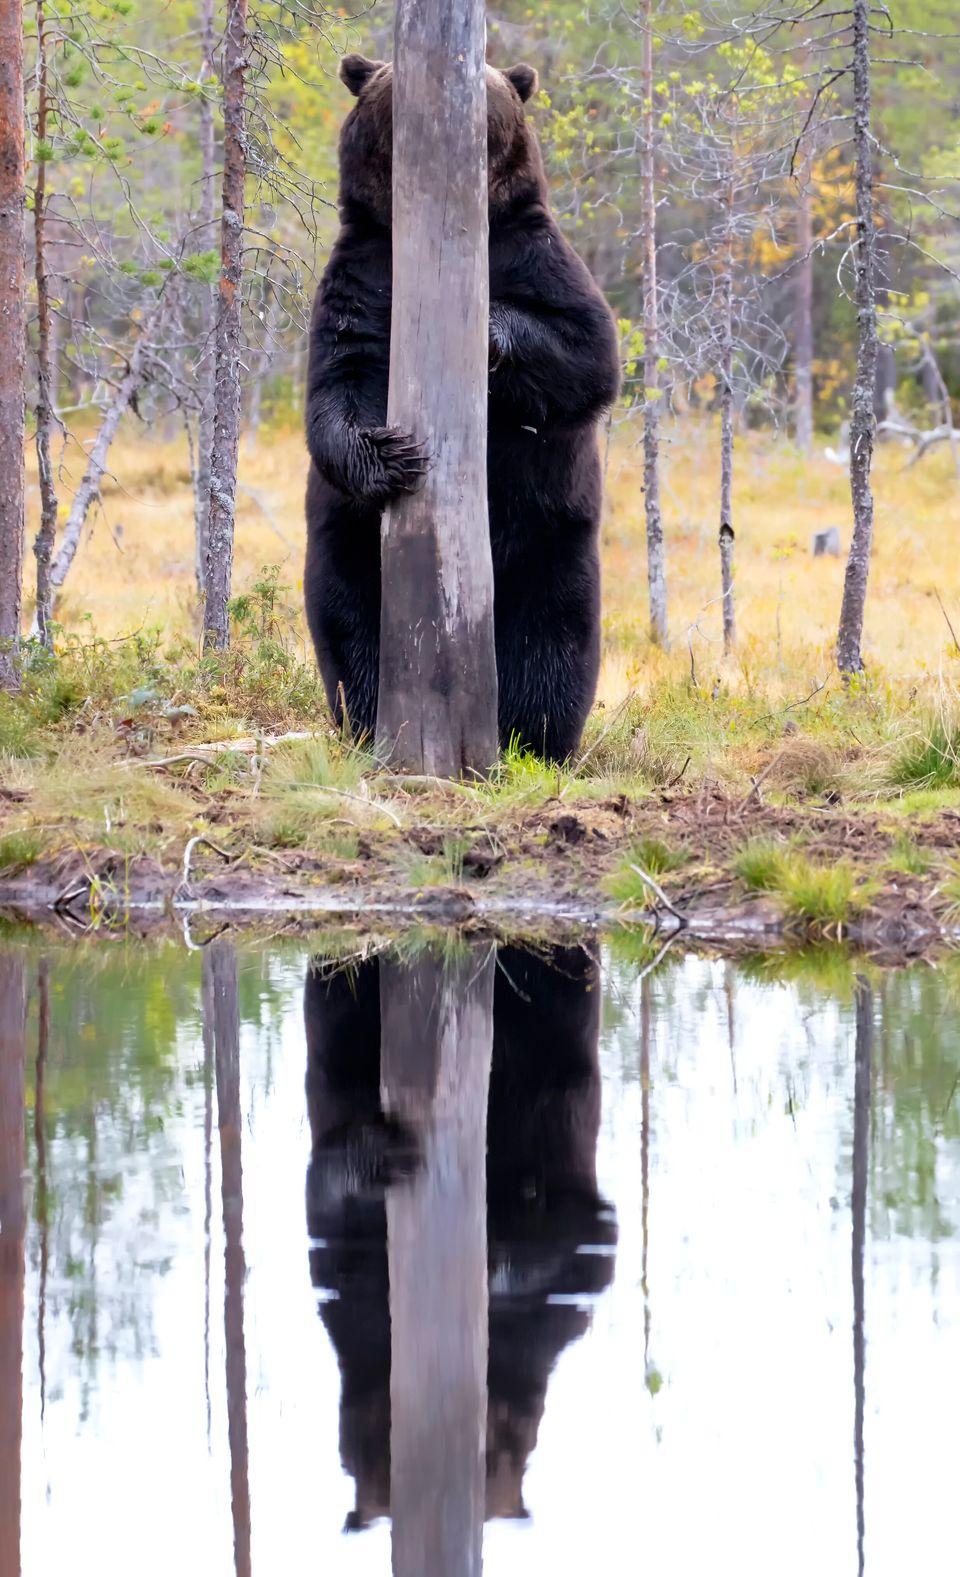 제목 : 꼭꼭 숨어라 (Doggo) / 핀란드 쿠모,